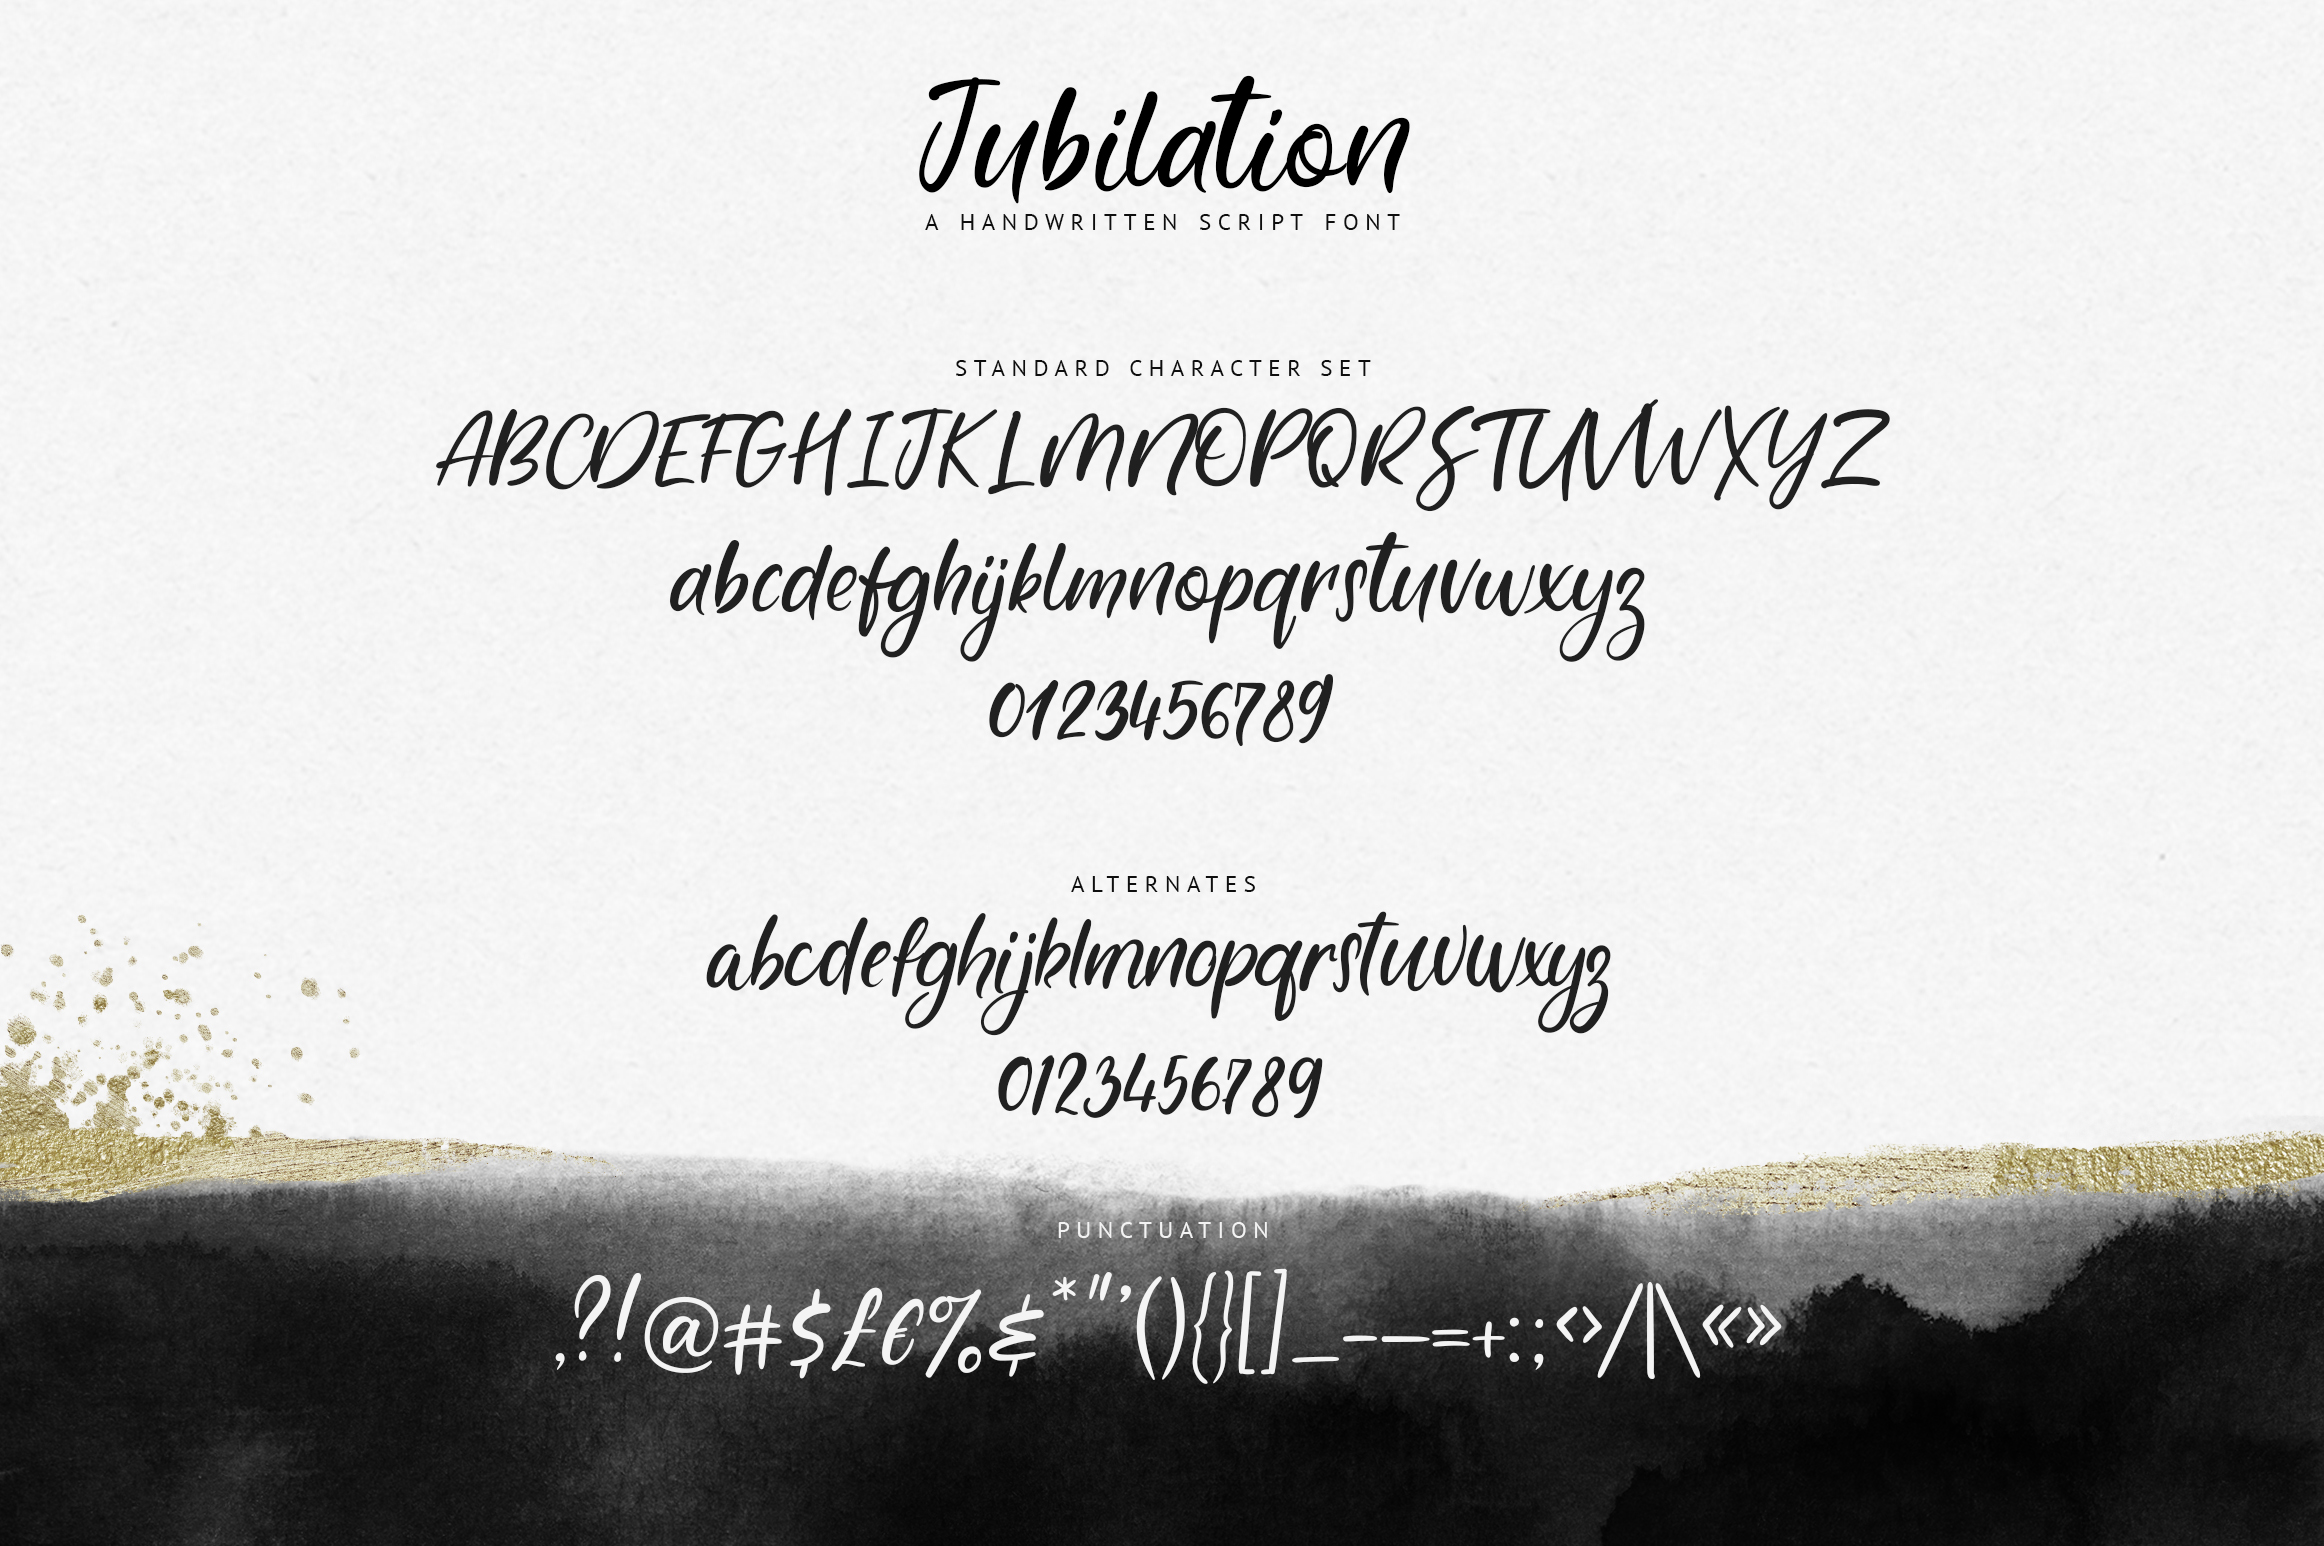 Jubilation example image 7